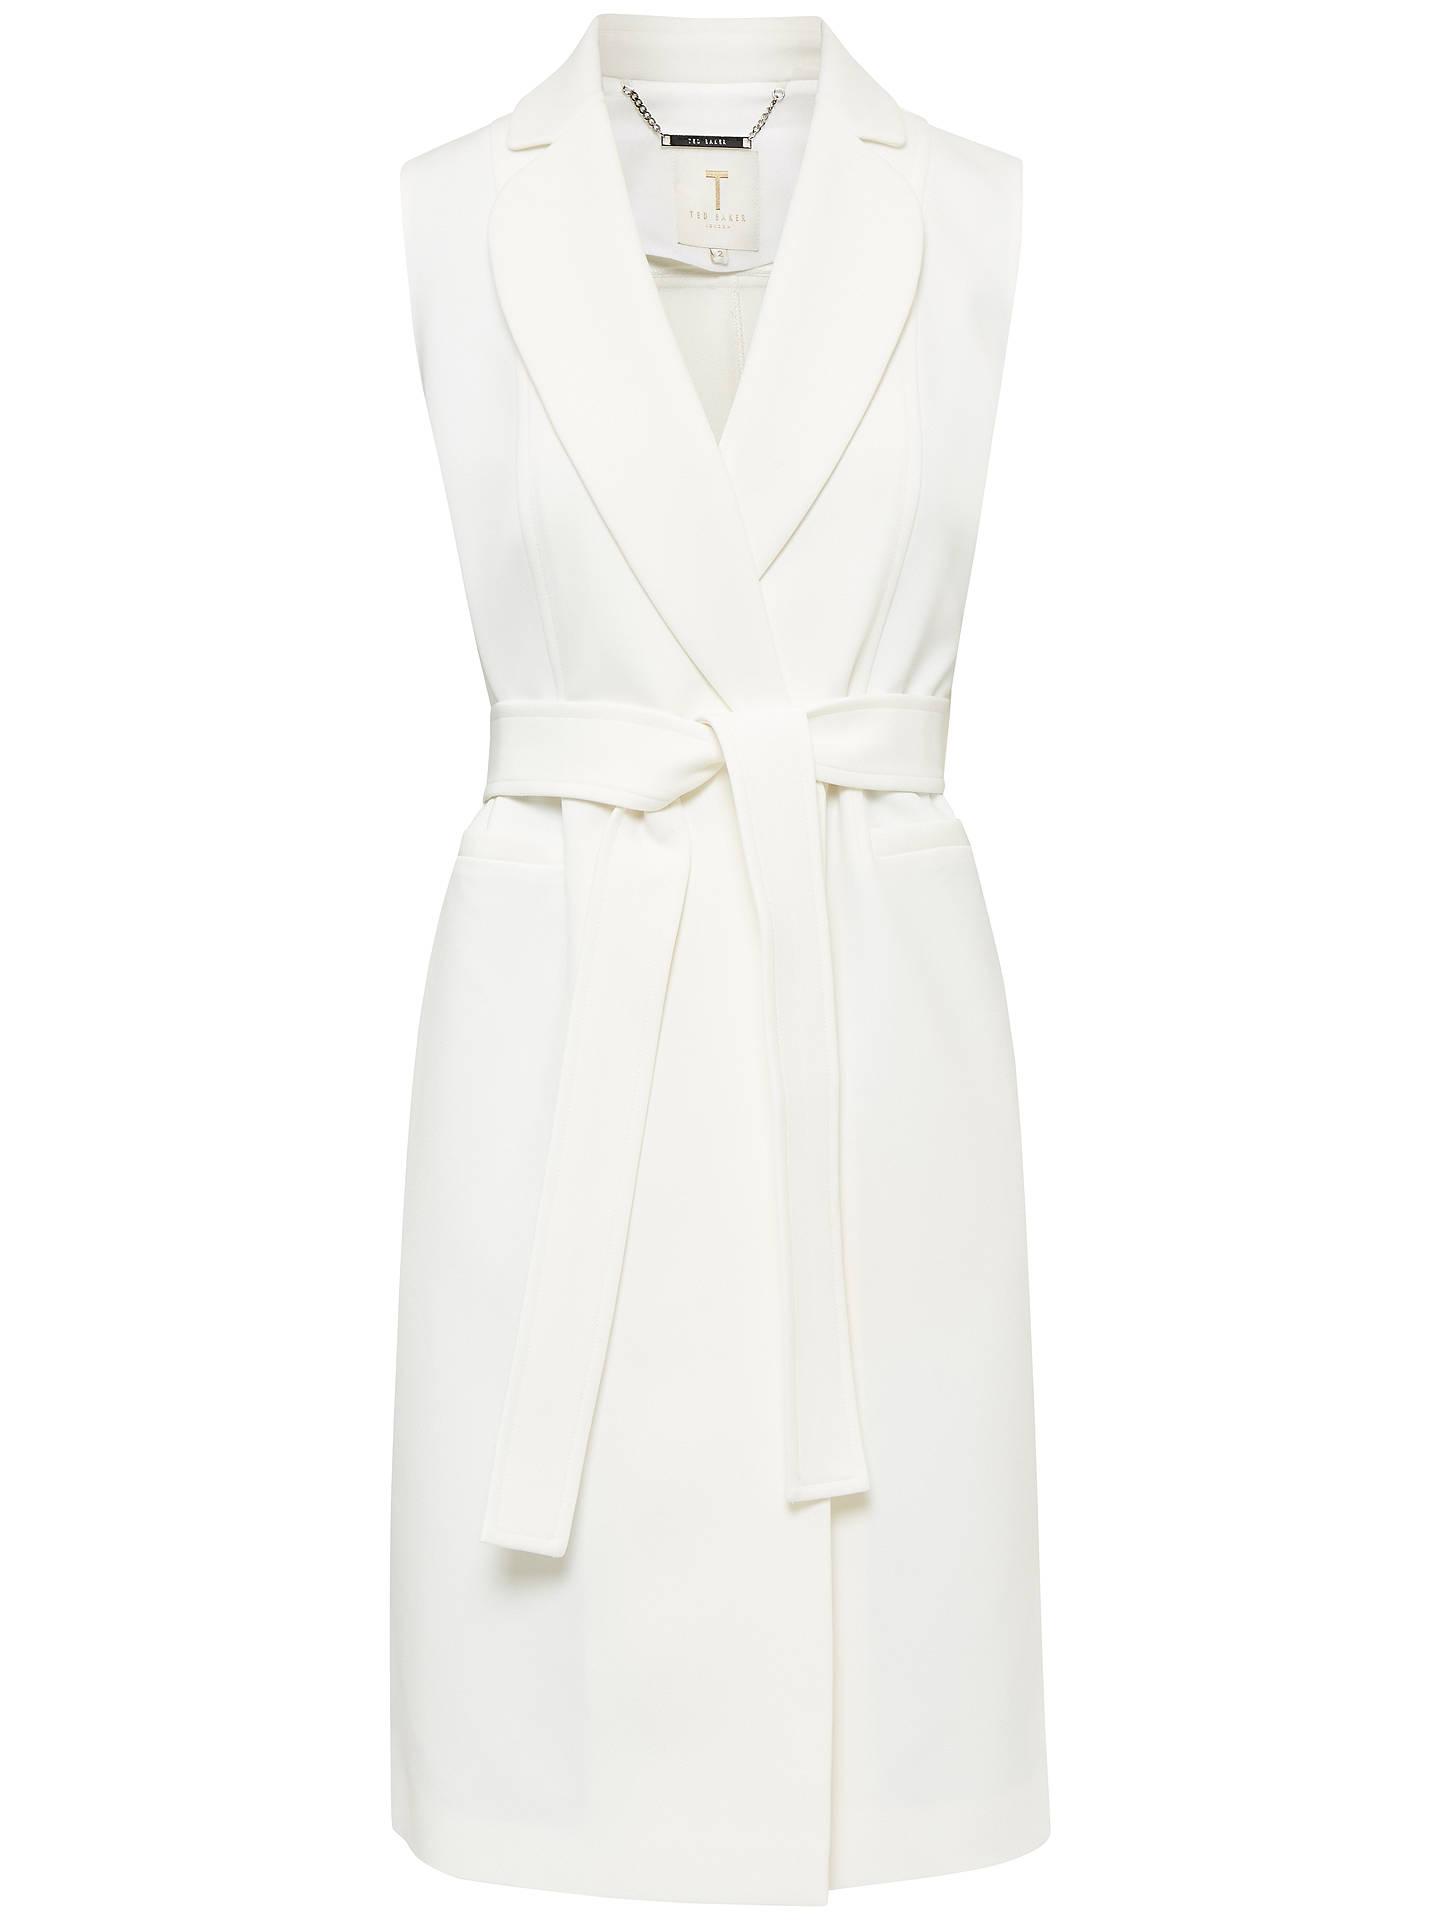 cc0acb59b Buy Ted Baker Longline Sleeveless Jacket